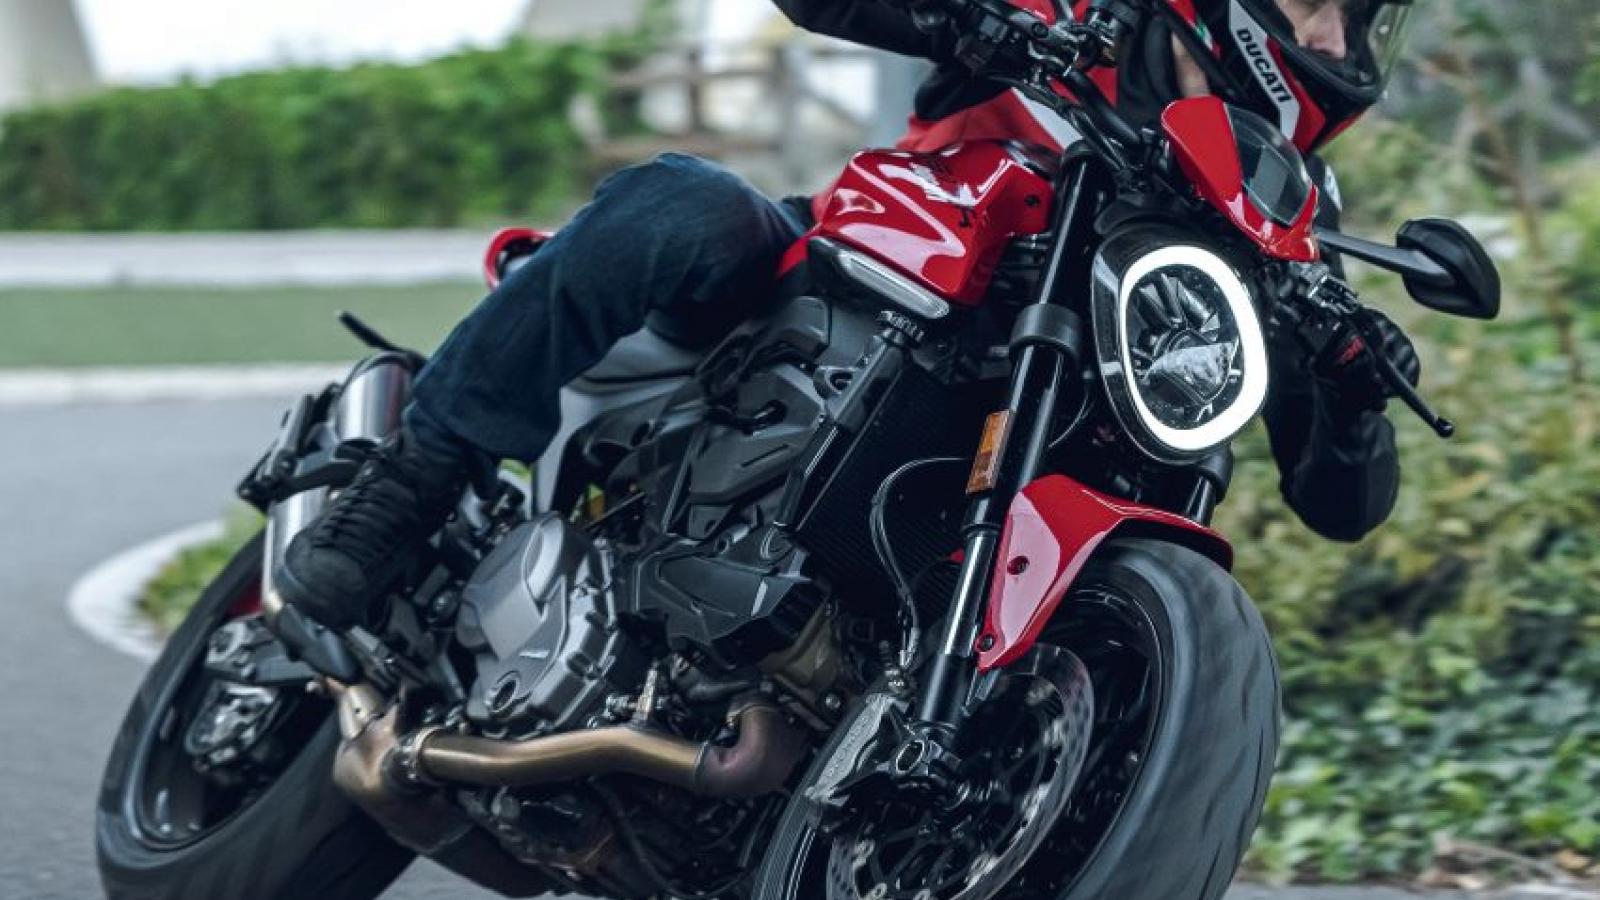 Ducati ghi nhận doanh số tăng 43% trong nửa đầu năm 2021